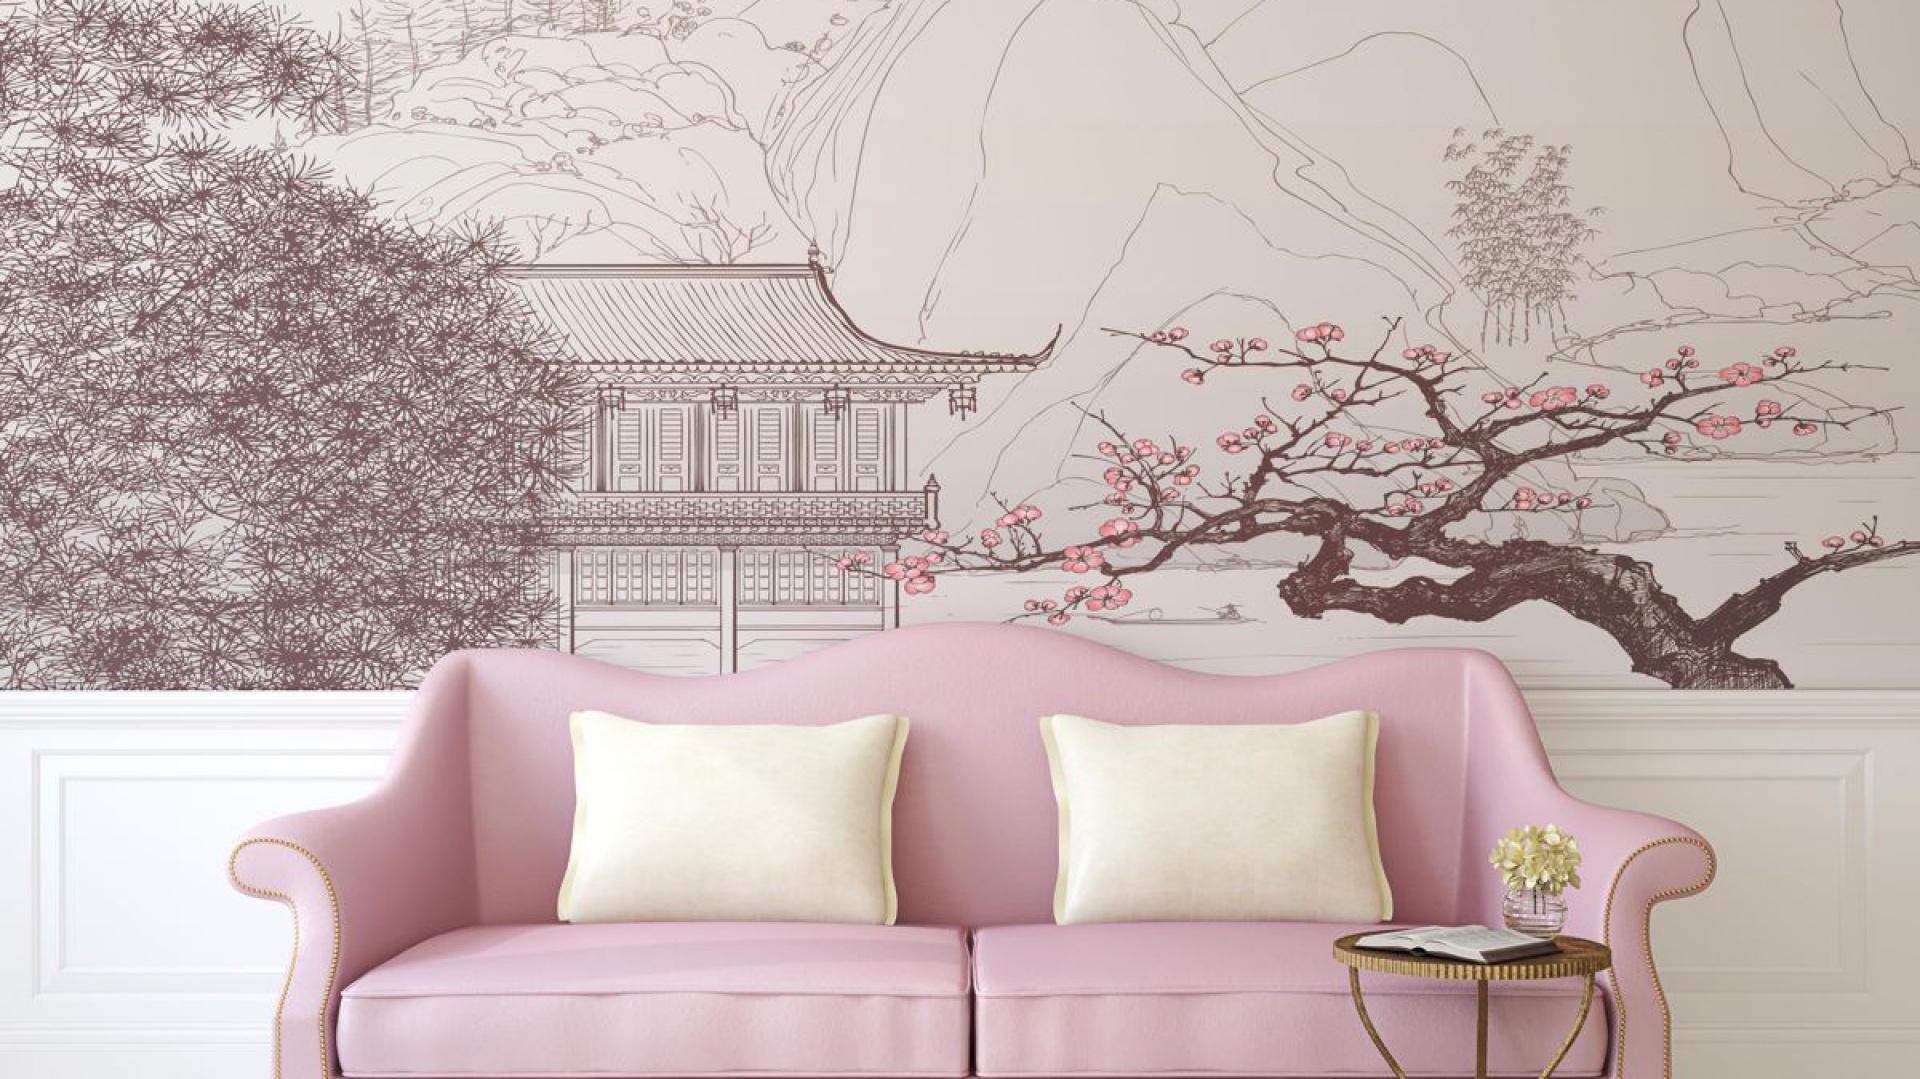 Stylizowana kanapa w pastelowym odcieniu różu pięknie harmonizuje z fototapetą przedstawiającą japońską grafikę z podkolorowanymi na różowo kwiatami sakury. Fot. Dekowizja.pl